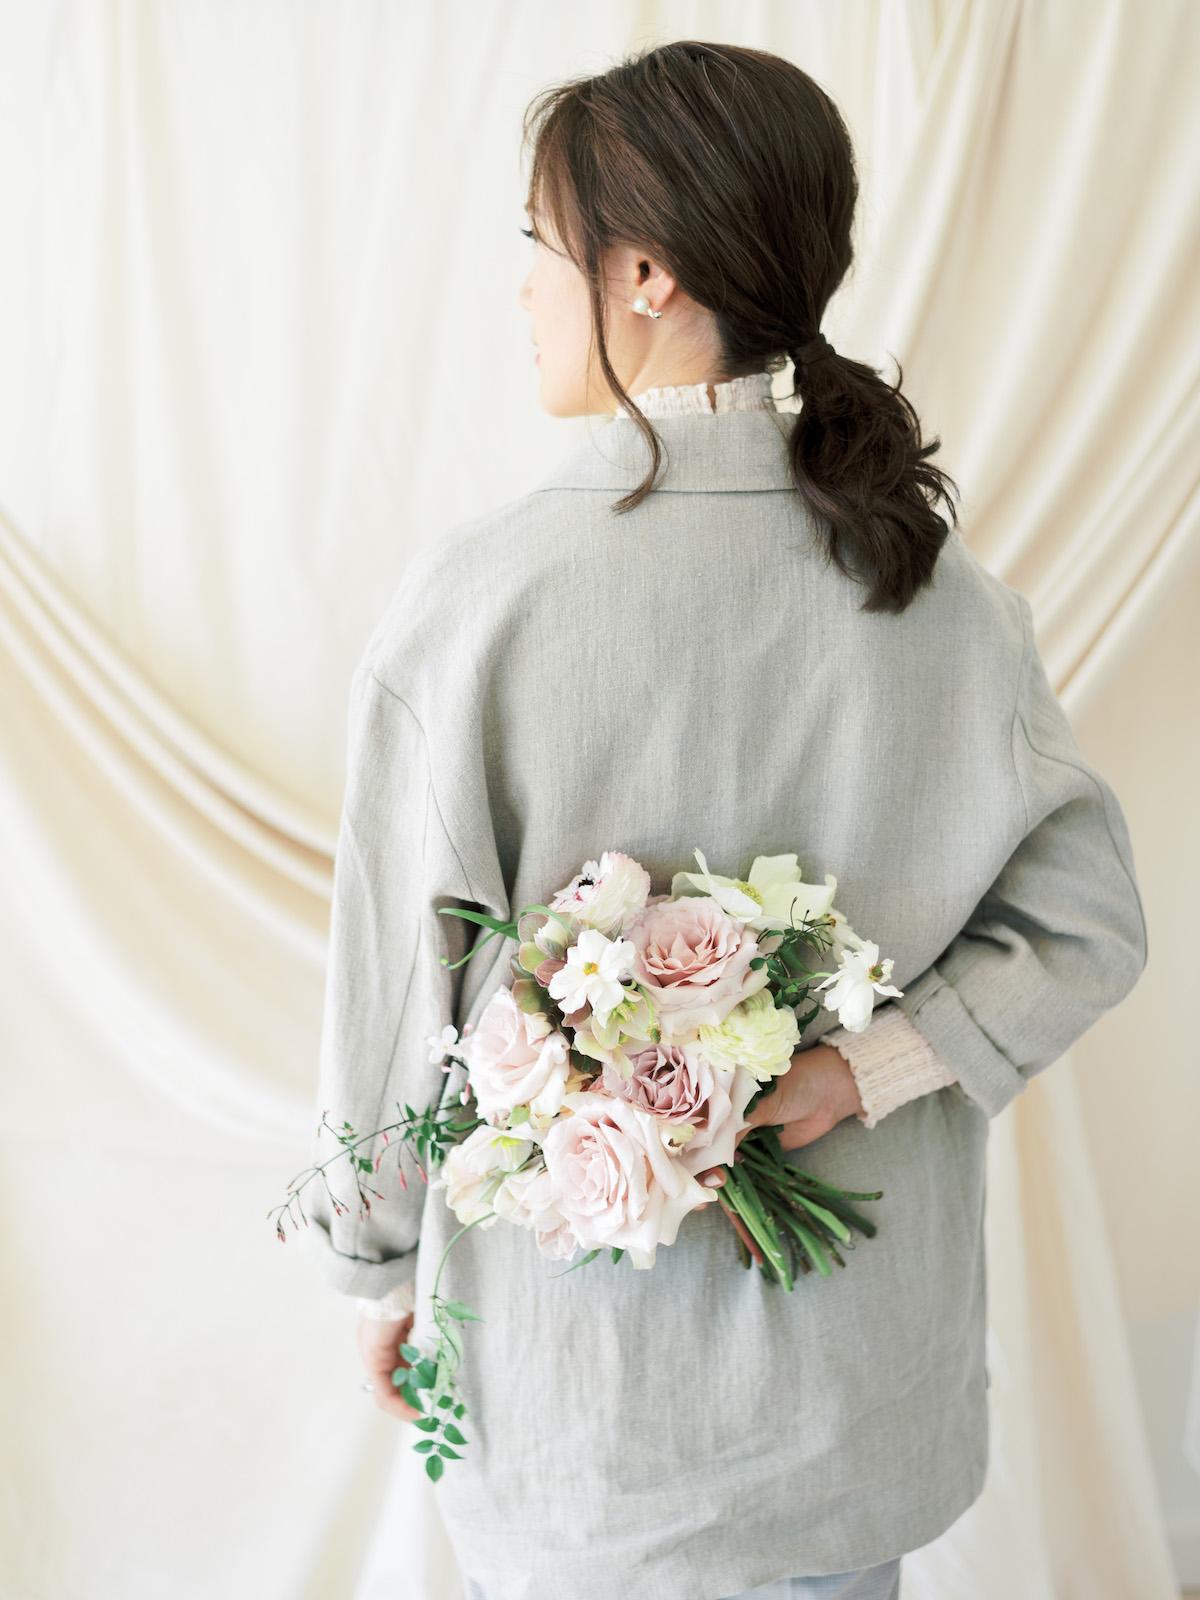 olea-and-fig-blooming-wed-brand-shoot-122.jpg